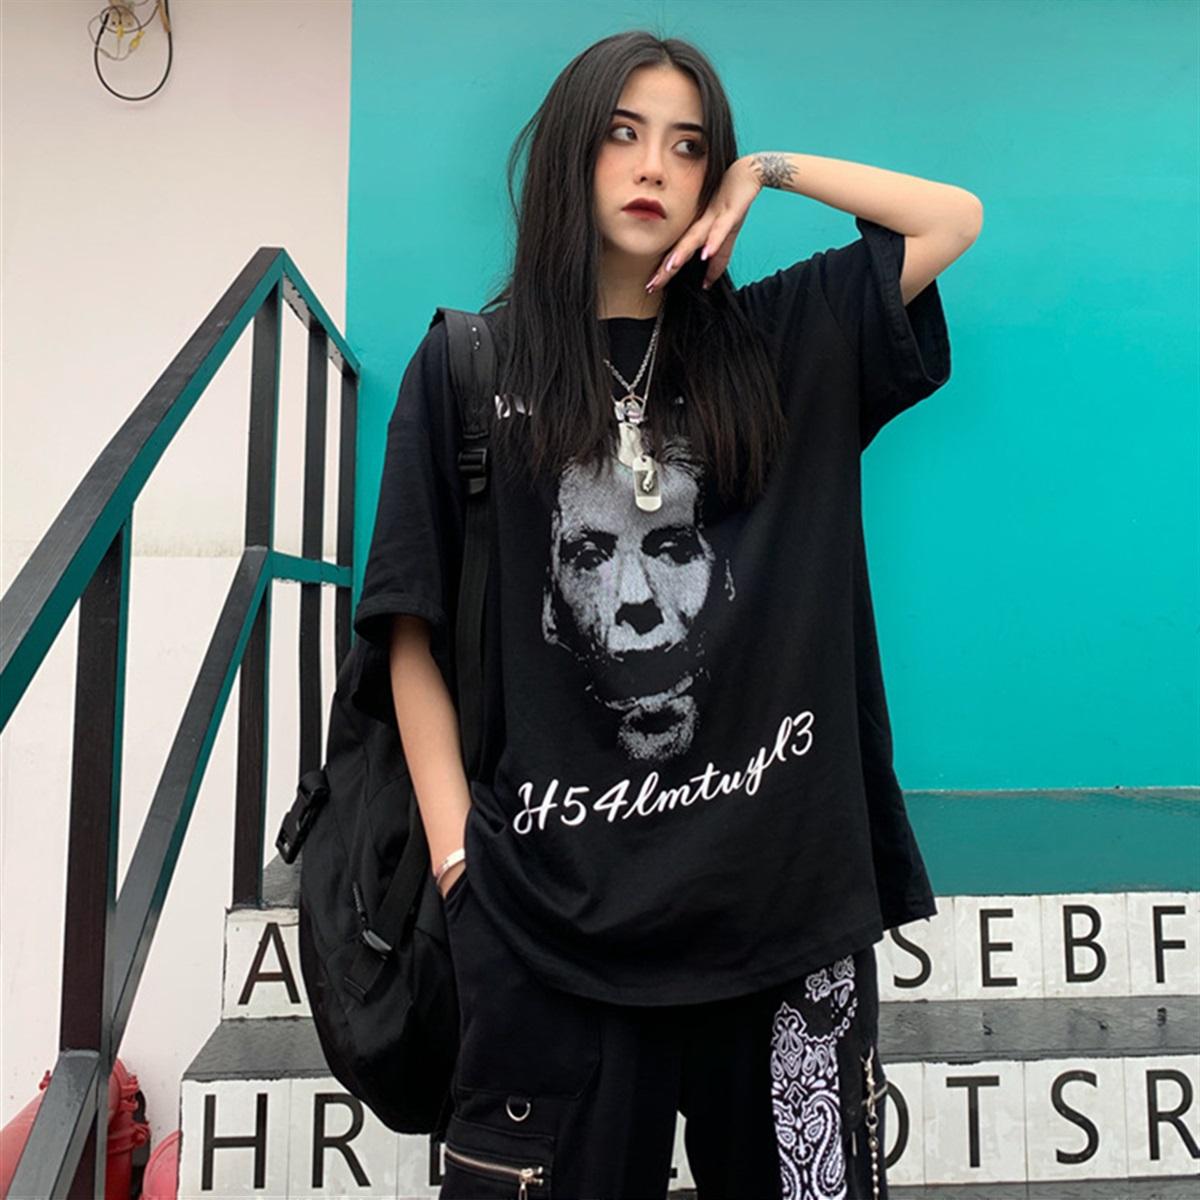 ユニセックス Tシャツ 半袖 メンズ レディース ラウンドネック ダークブラック プリント オーバーサイズ 大きいサイズ ルーズ ストリート